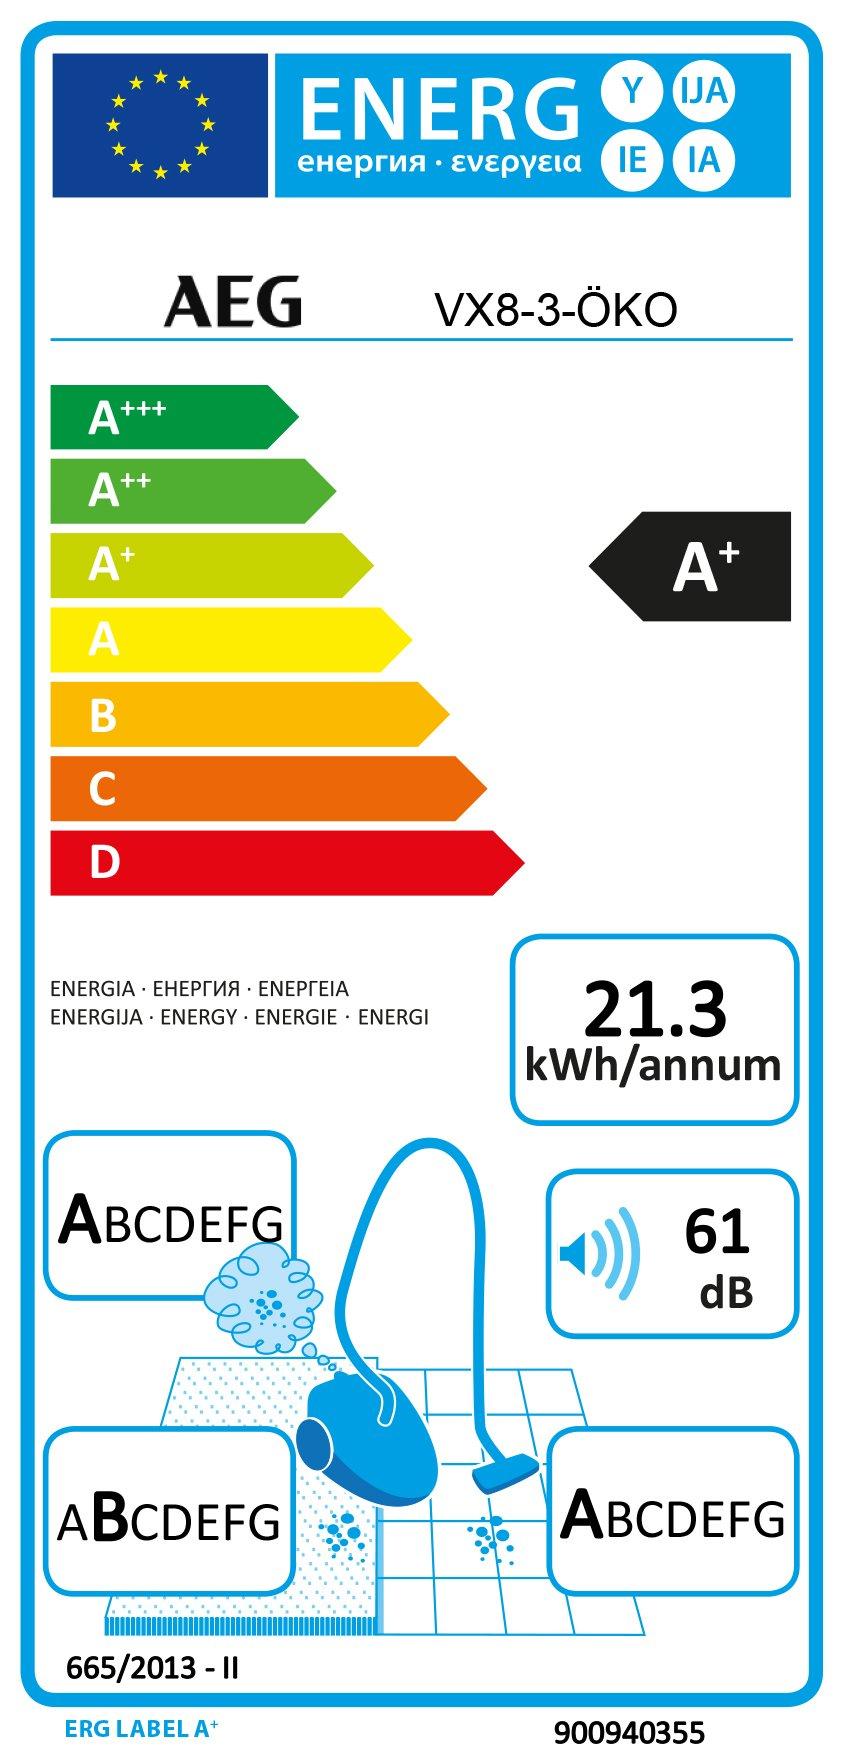 AEG VX8-3-ÖKO Staubsauger mit Beutel / 55% Recyclingmaterial / Zusatzdüsen / 600 W / nur 61 dB(A) / 12 m Aktionsradius…